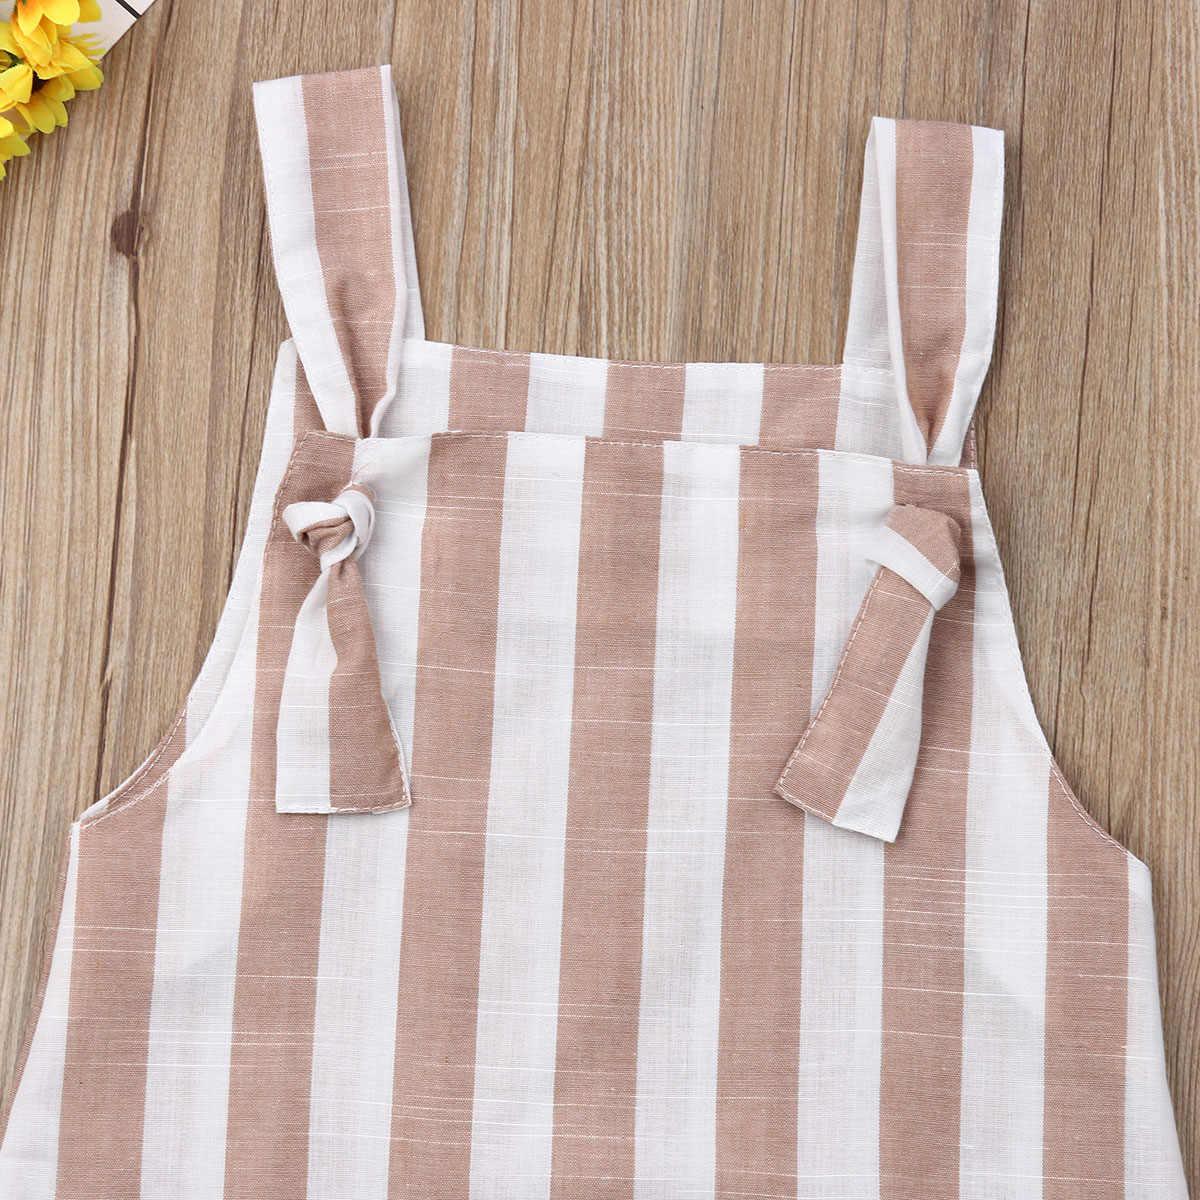 2019 เด็กฤดูร้อนเสื้อผ้า 1-6Y เด็กทารกเด็กผู้หญิงลาย A - Line Ruffled Bow Princess Casual กระเป๋า Sundress